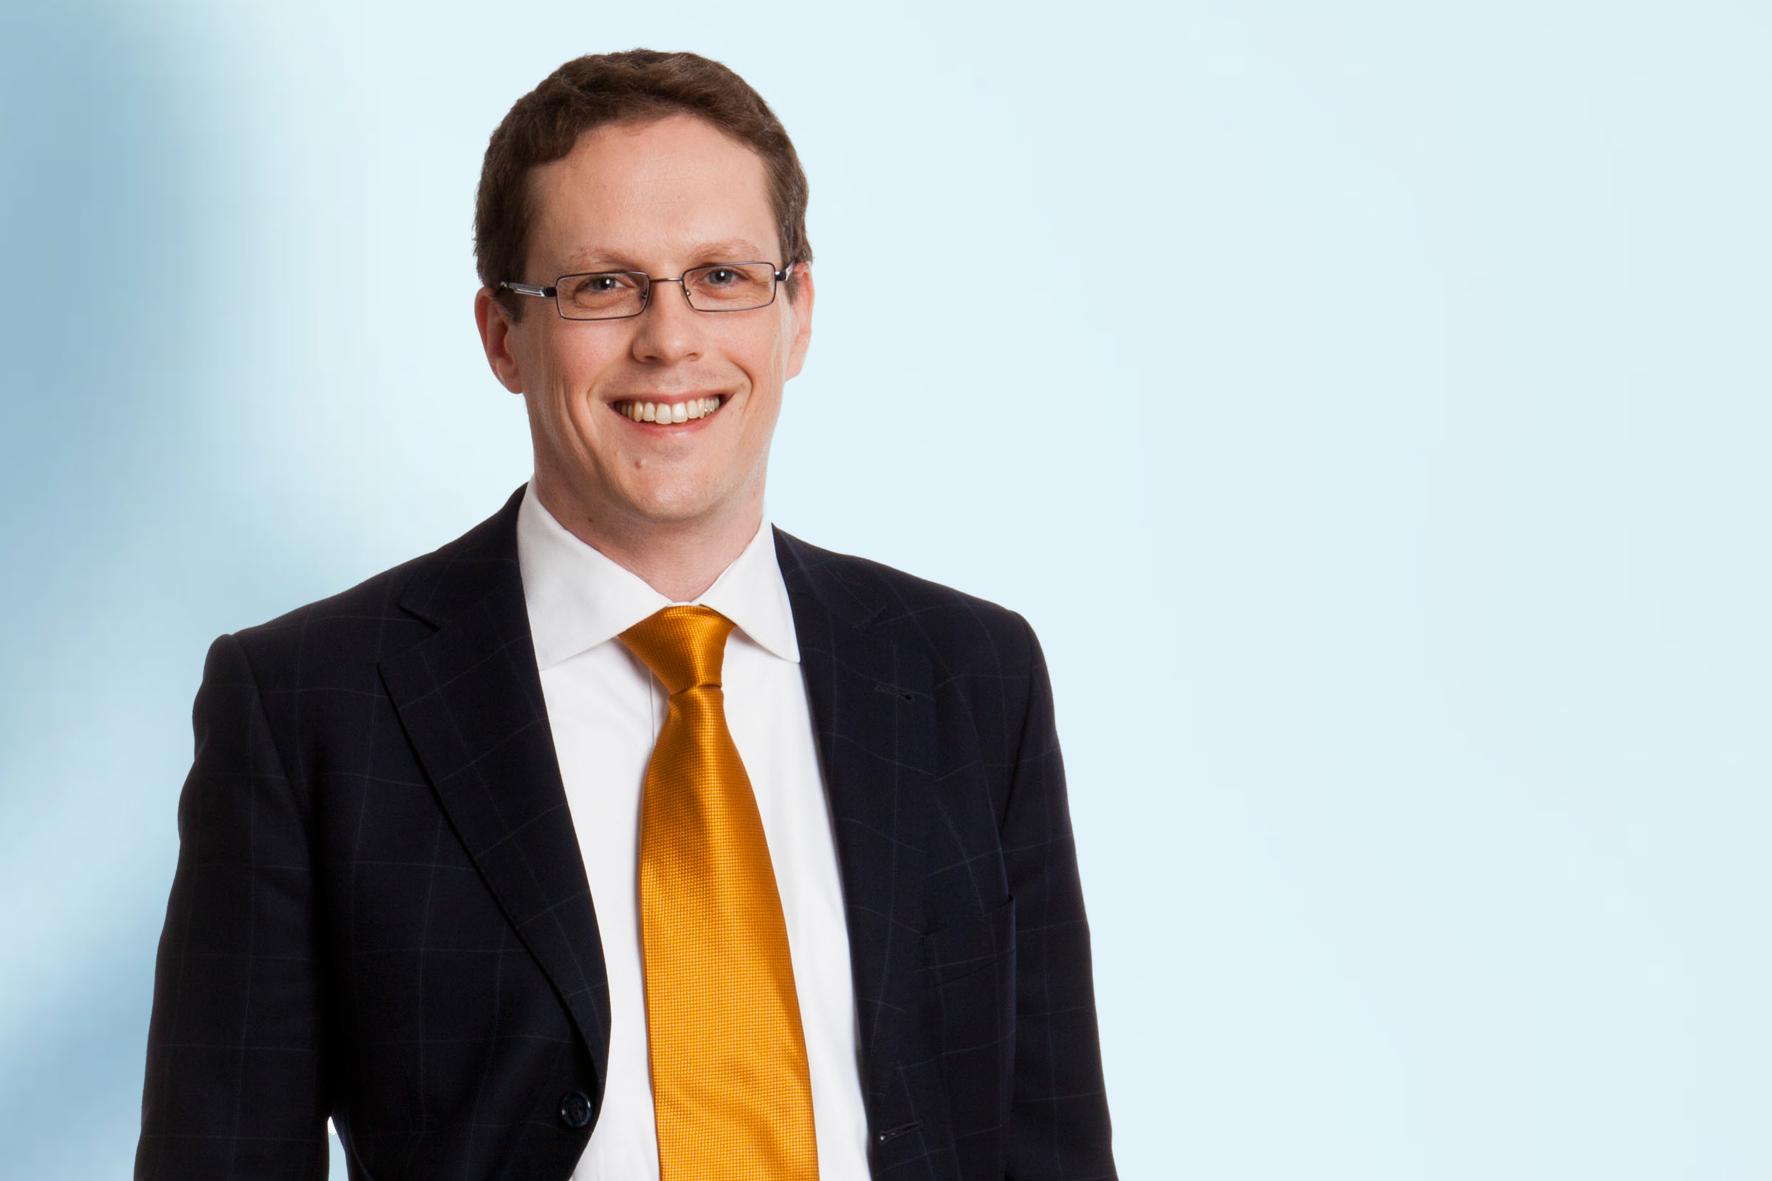 Pressefoto Wolfgang Herzer (Klicken Sie auf das Bild zur Vergrößerung)